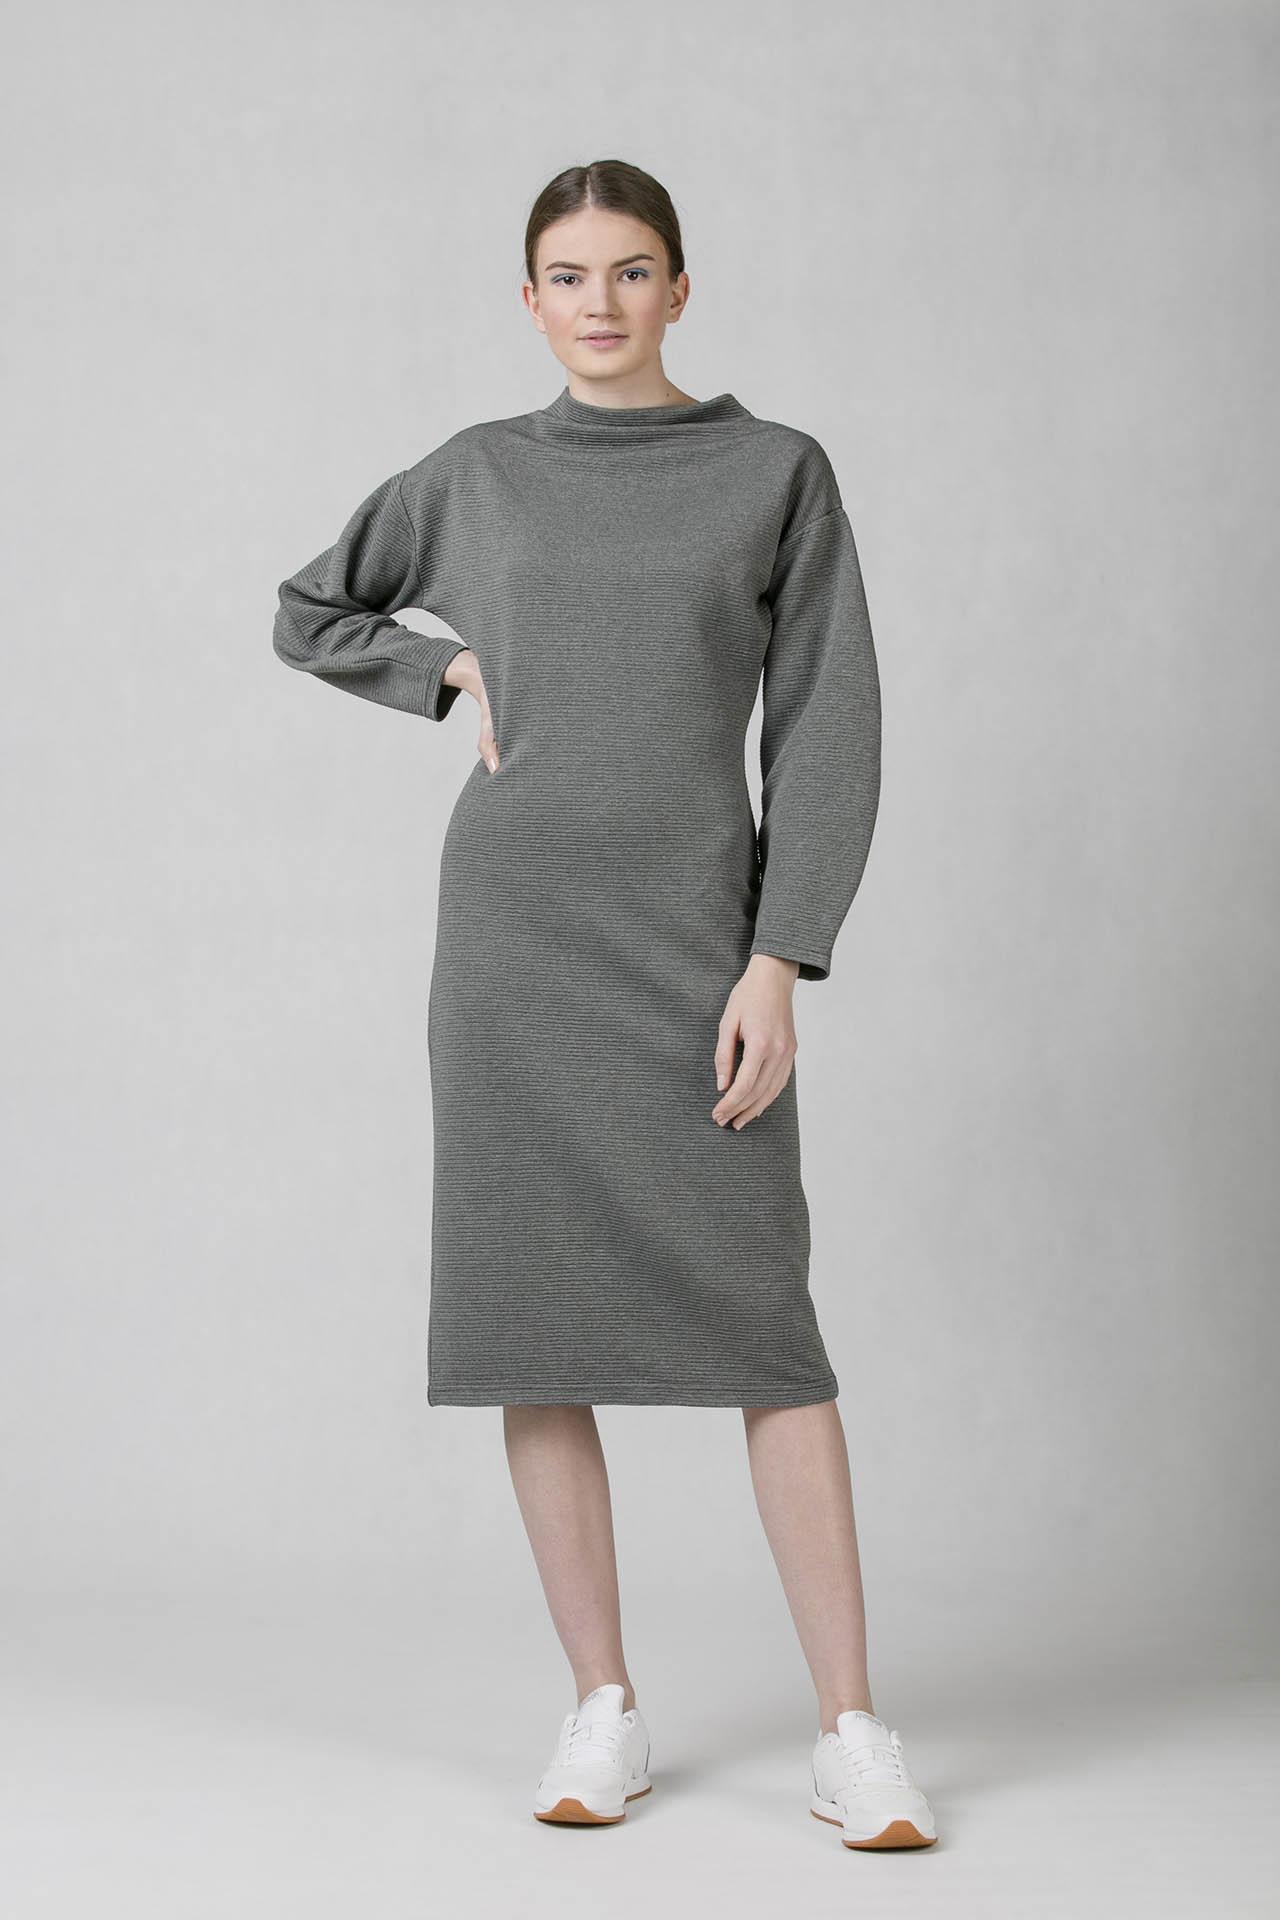 9543190e09c8 Dámské šaty šedé s dlouhým rukávem od české značky Oneday